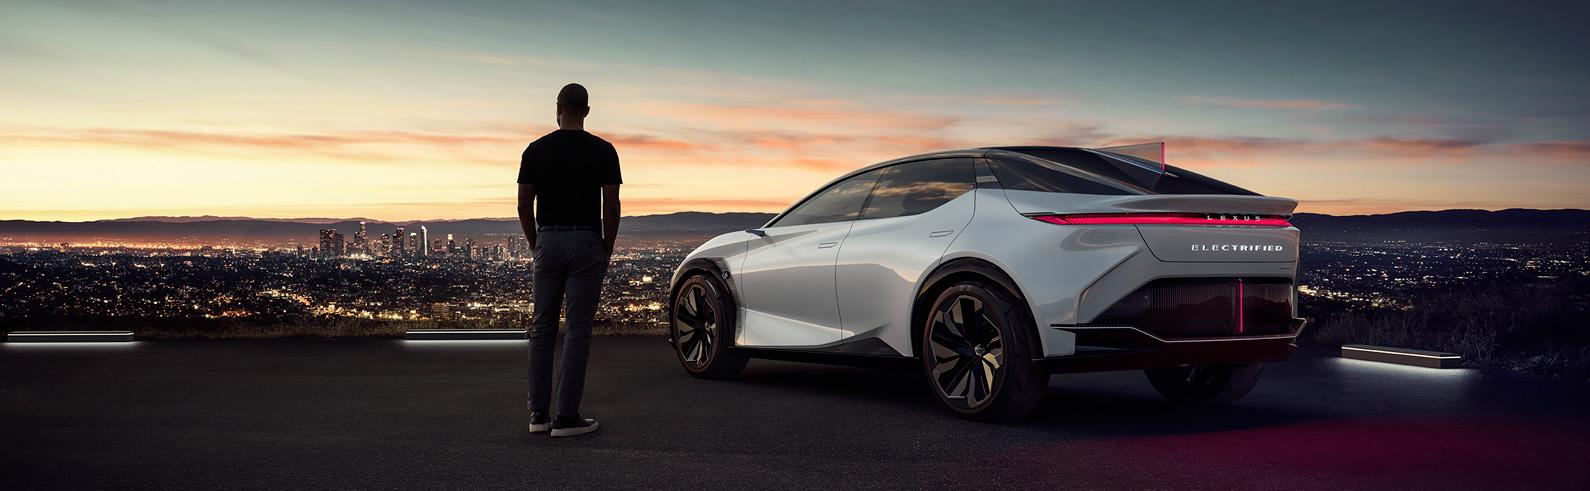 Lexus premiers the LF-Z Electrified BEV Concept